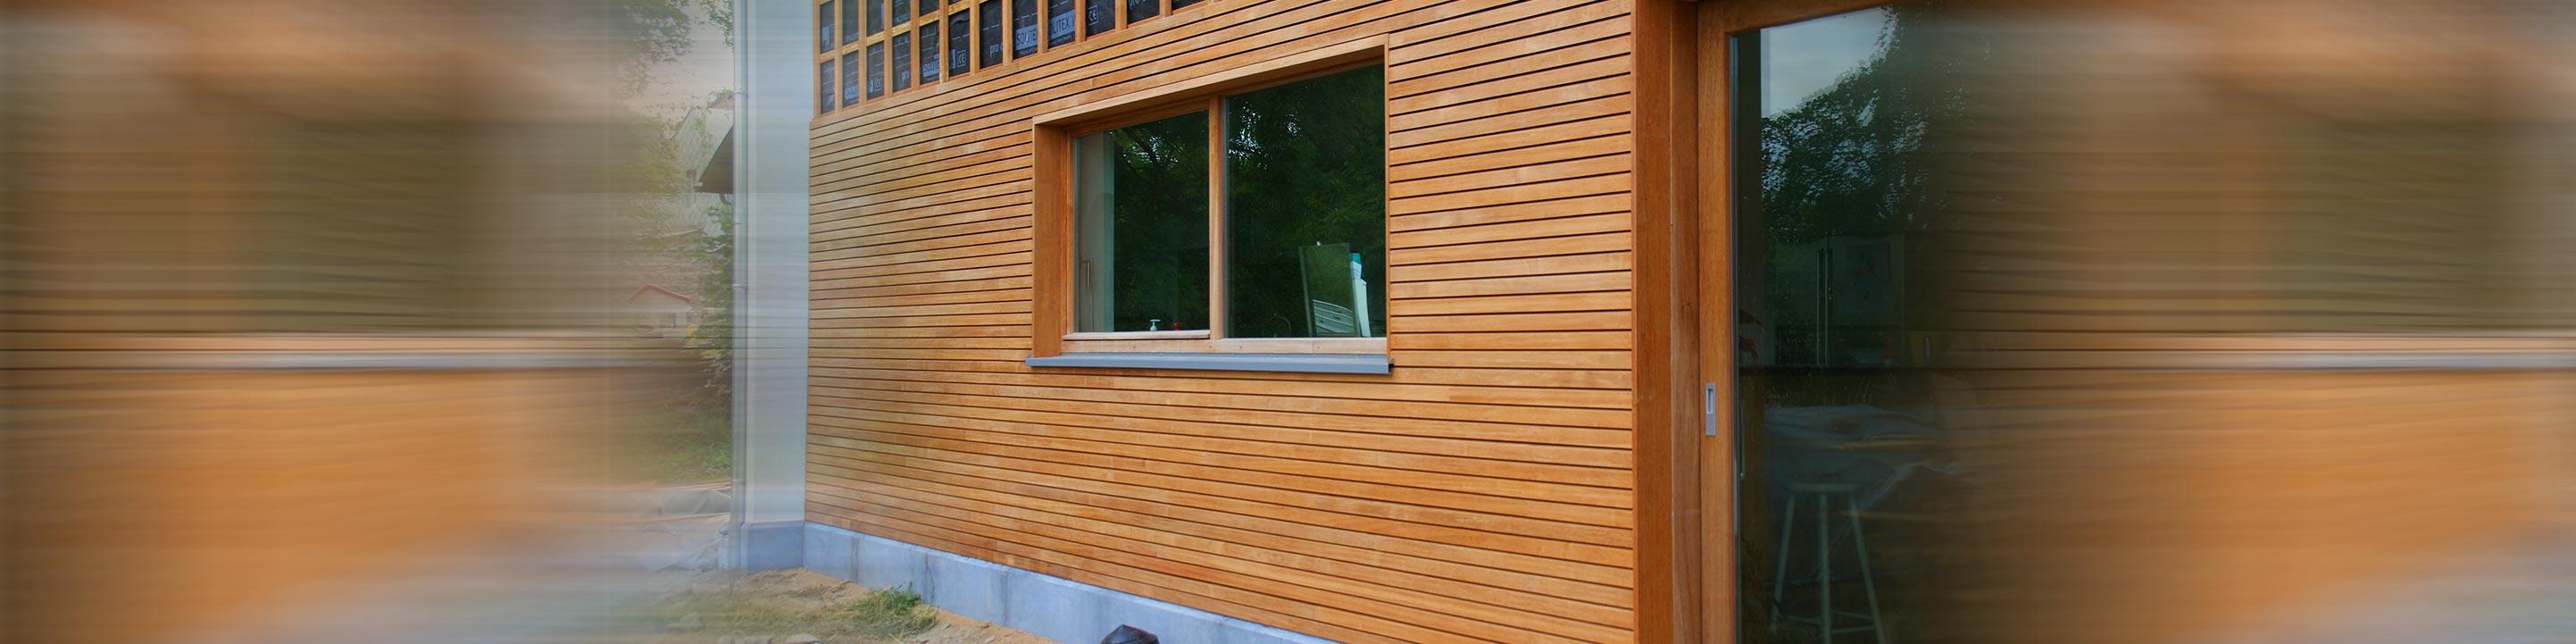 Fabricant Maison Ossature Bois - Maison Bois Fabricant ~ Catodon com Obtenez des idées de design intéressantes en utilisant du